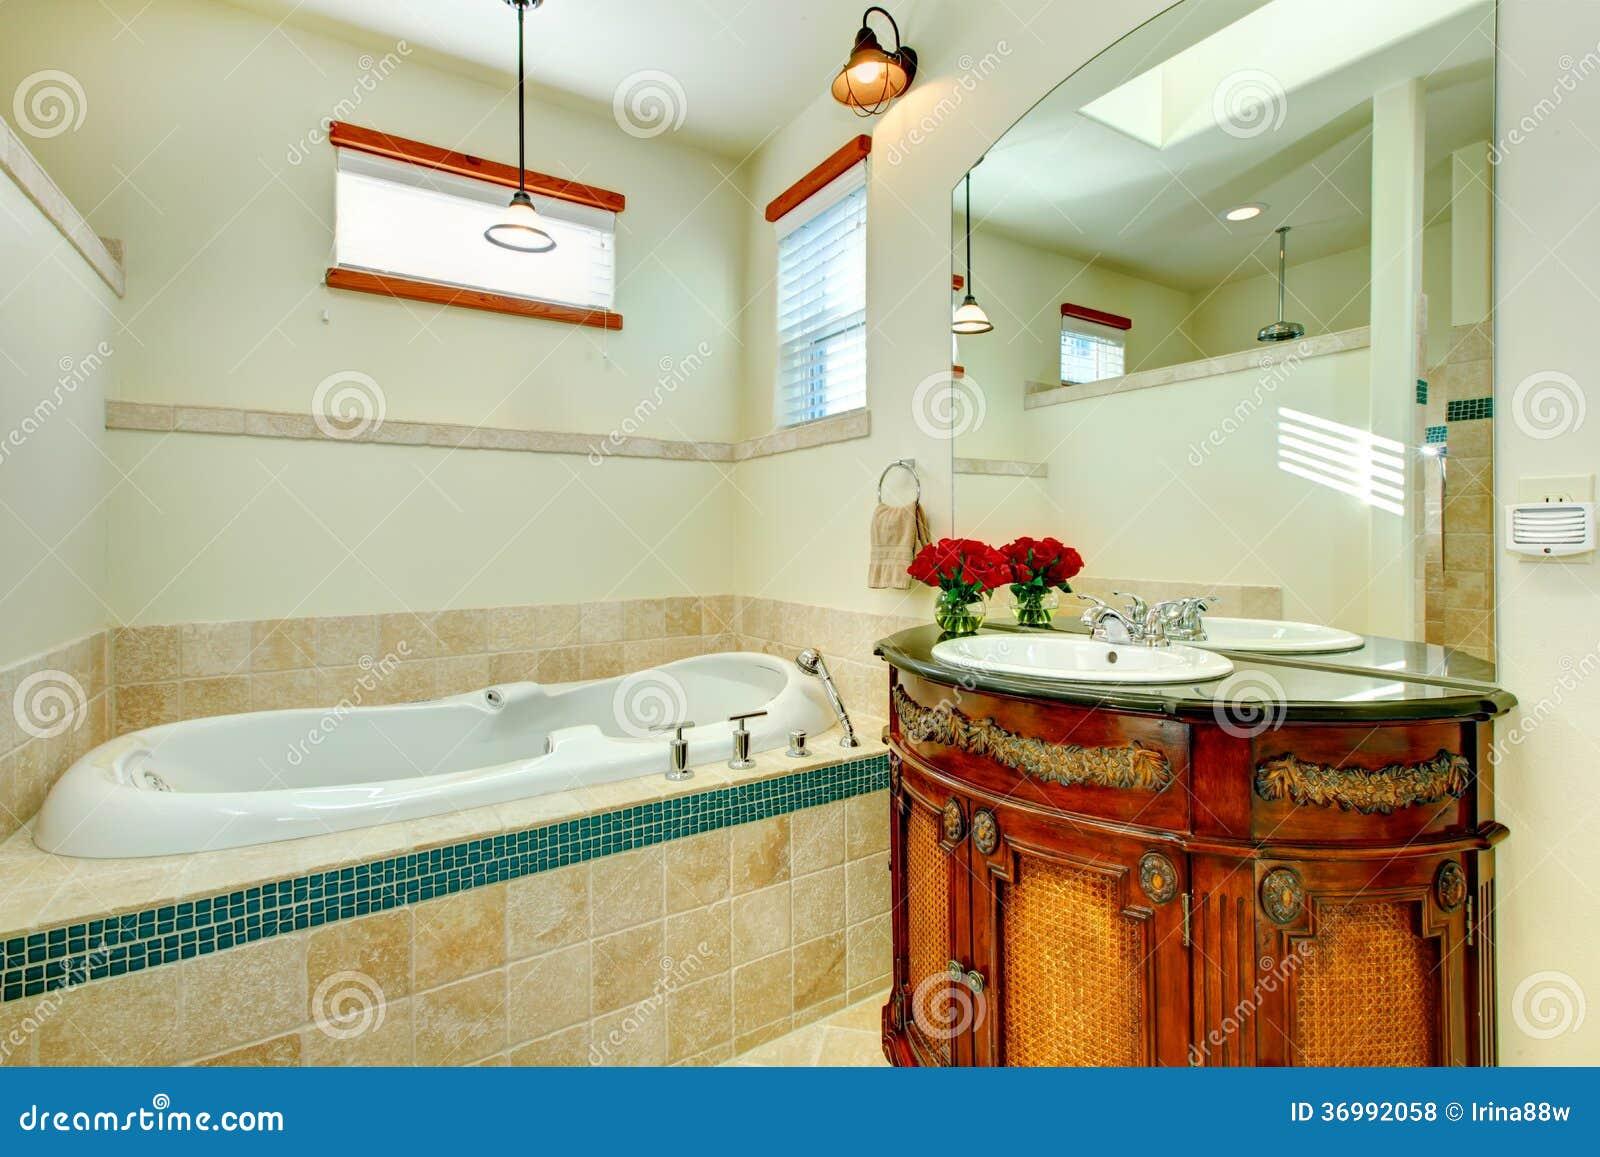 Fotos de Stock Royalty Free: Banheiro moderno elegante com um armário  #802E0C 1300x957 Banheiro Antigo